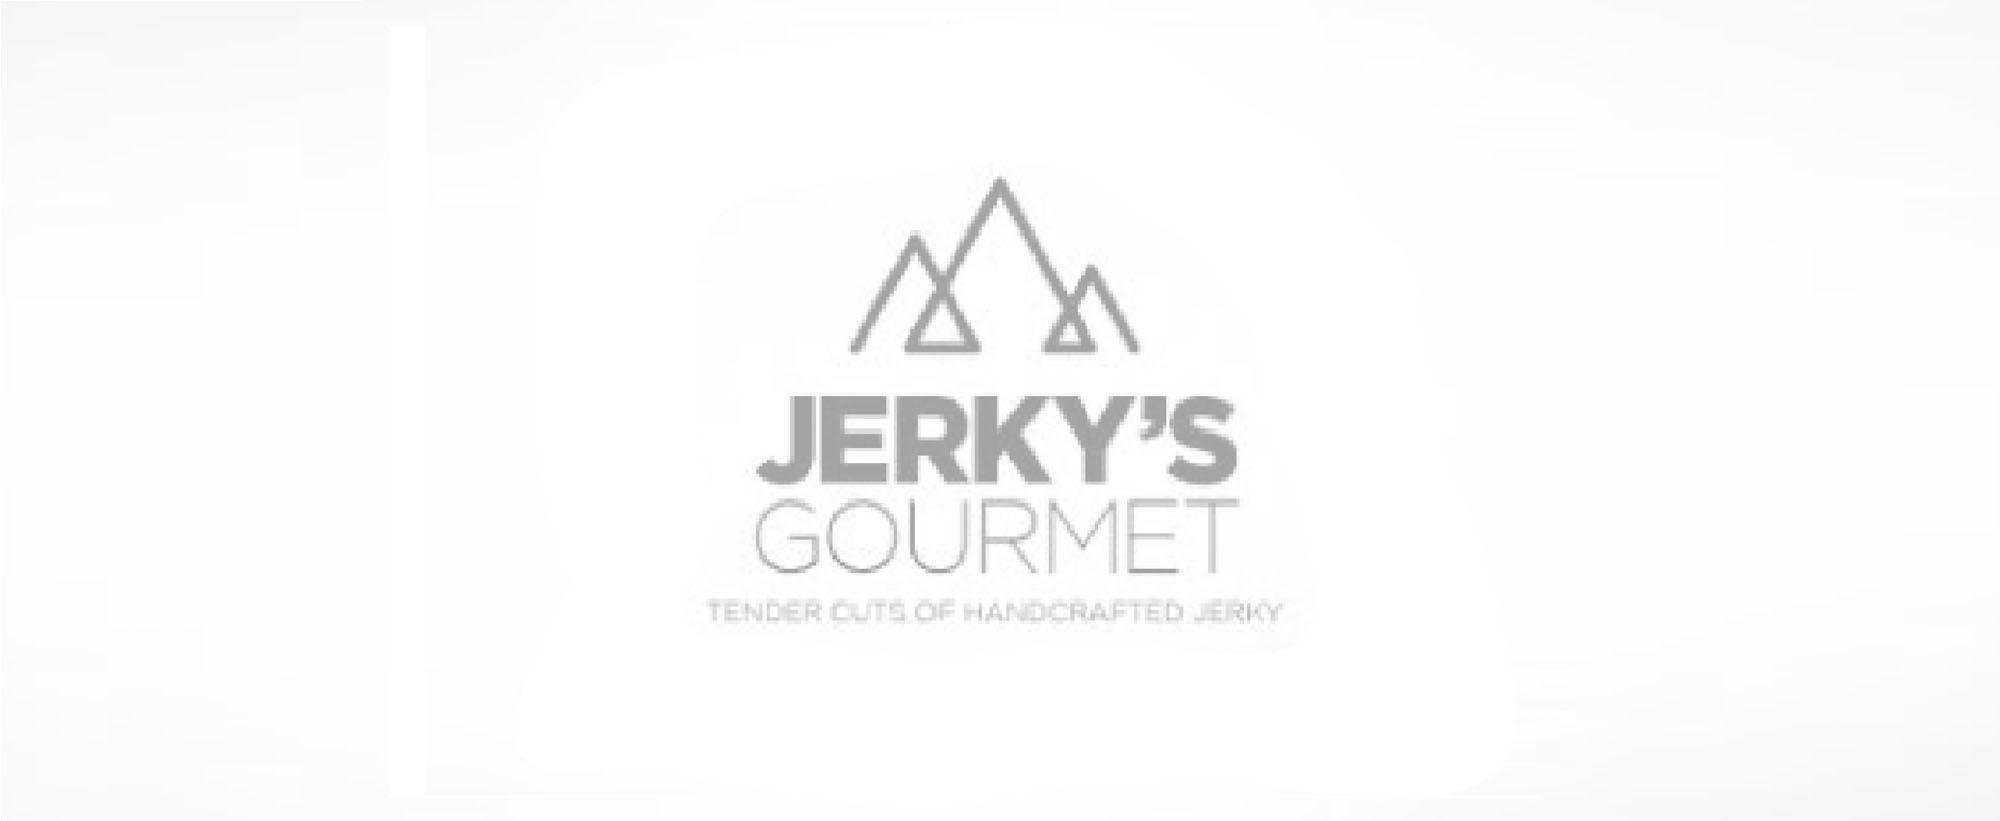 Jerky's Gourmet; Success Stories